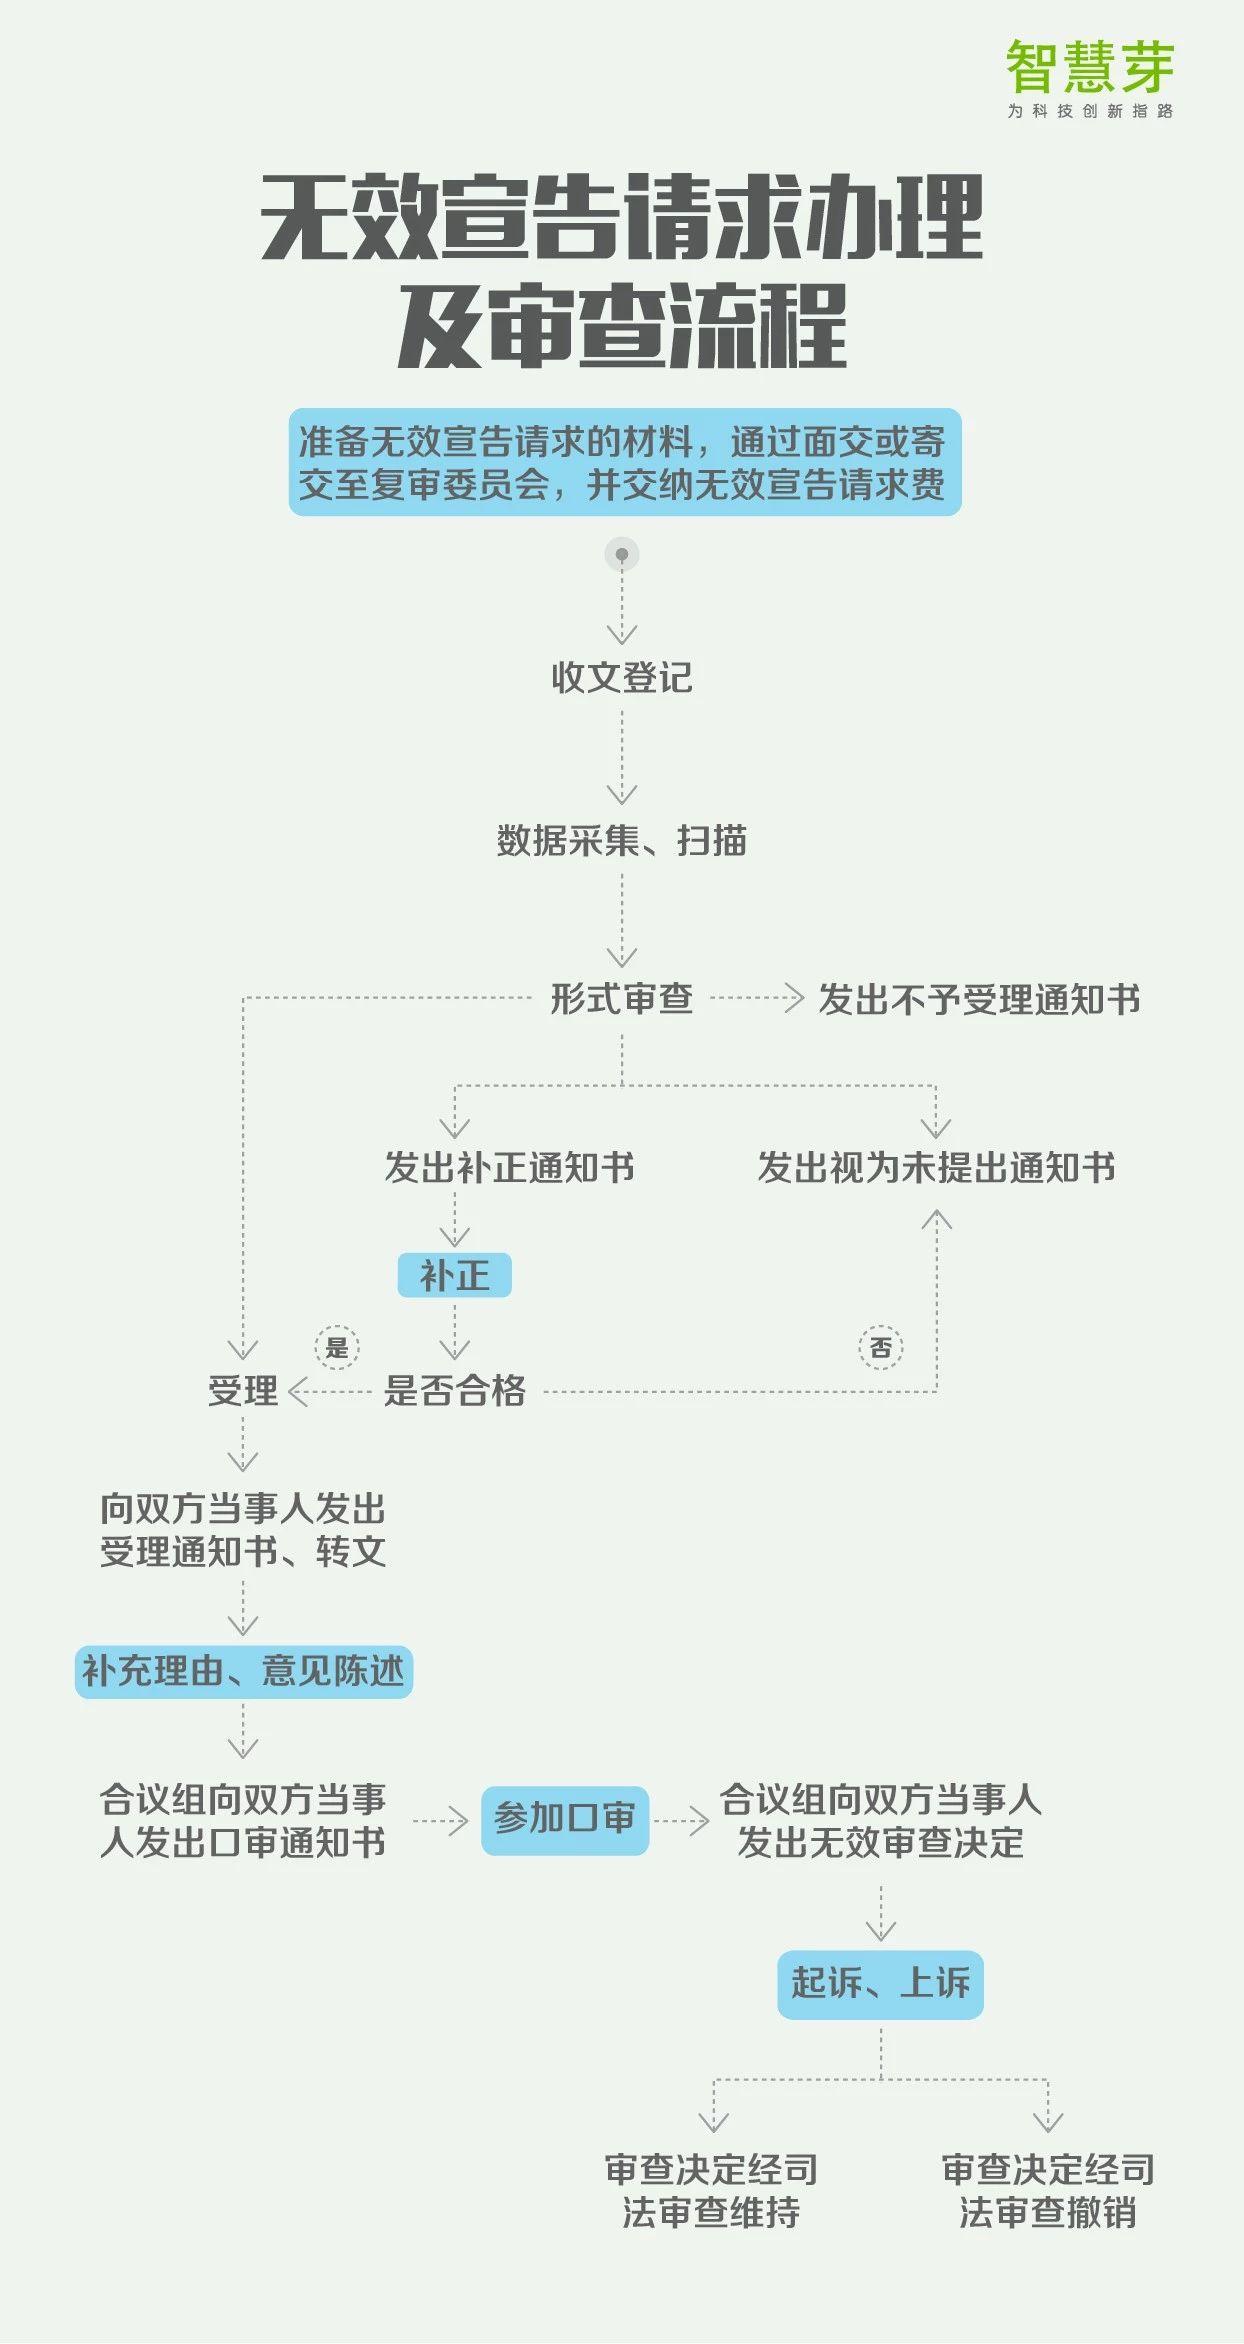 一张图读懂8大专利流程指南:PCT申请、复审程序审查…